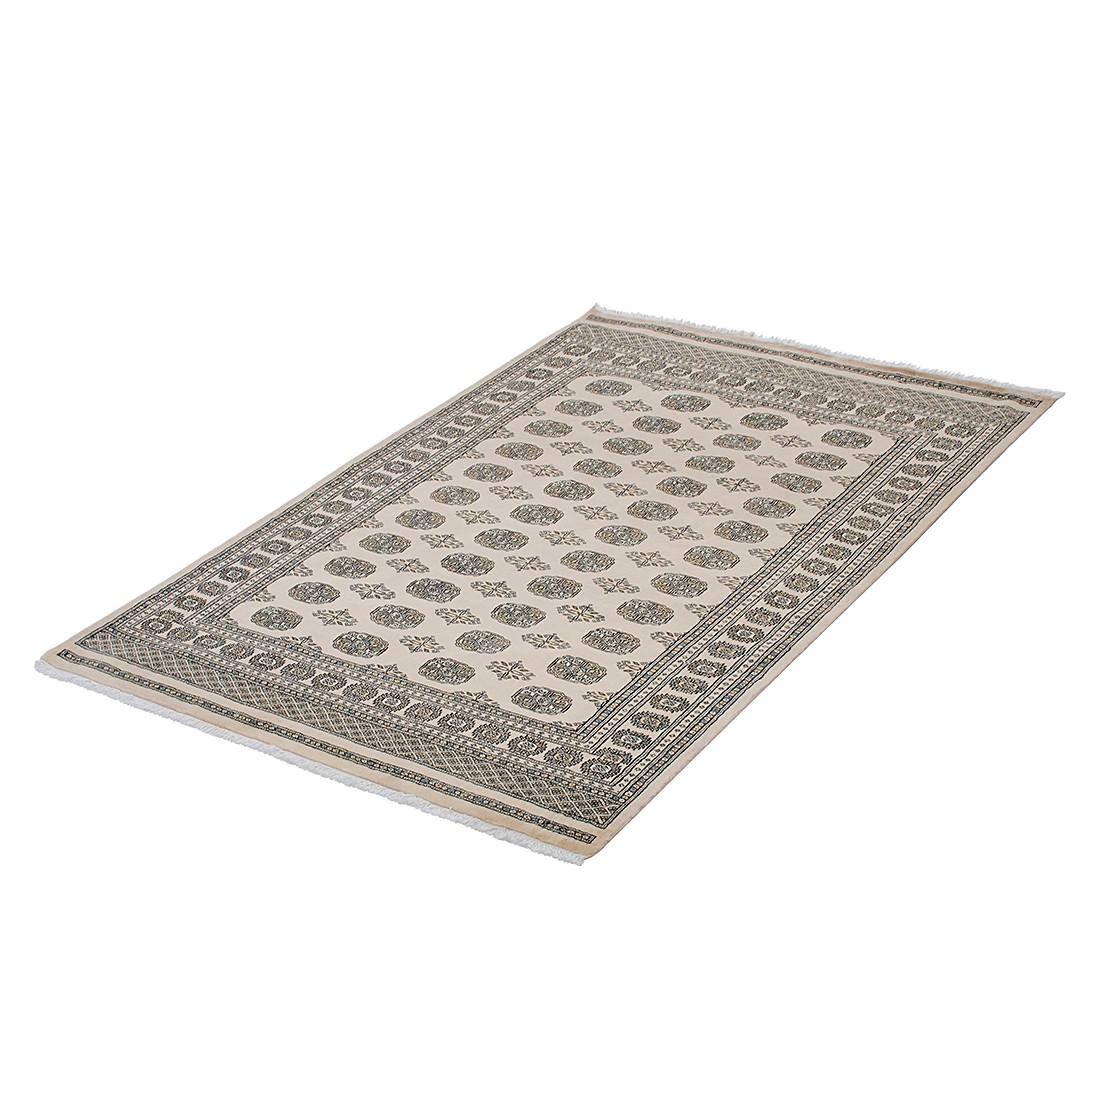 Teppich Pakistan Omara Delux – Beige – 80 x 300 cm, Parwis kaufen